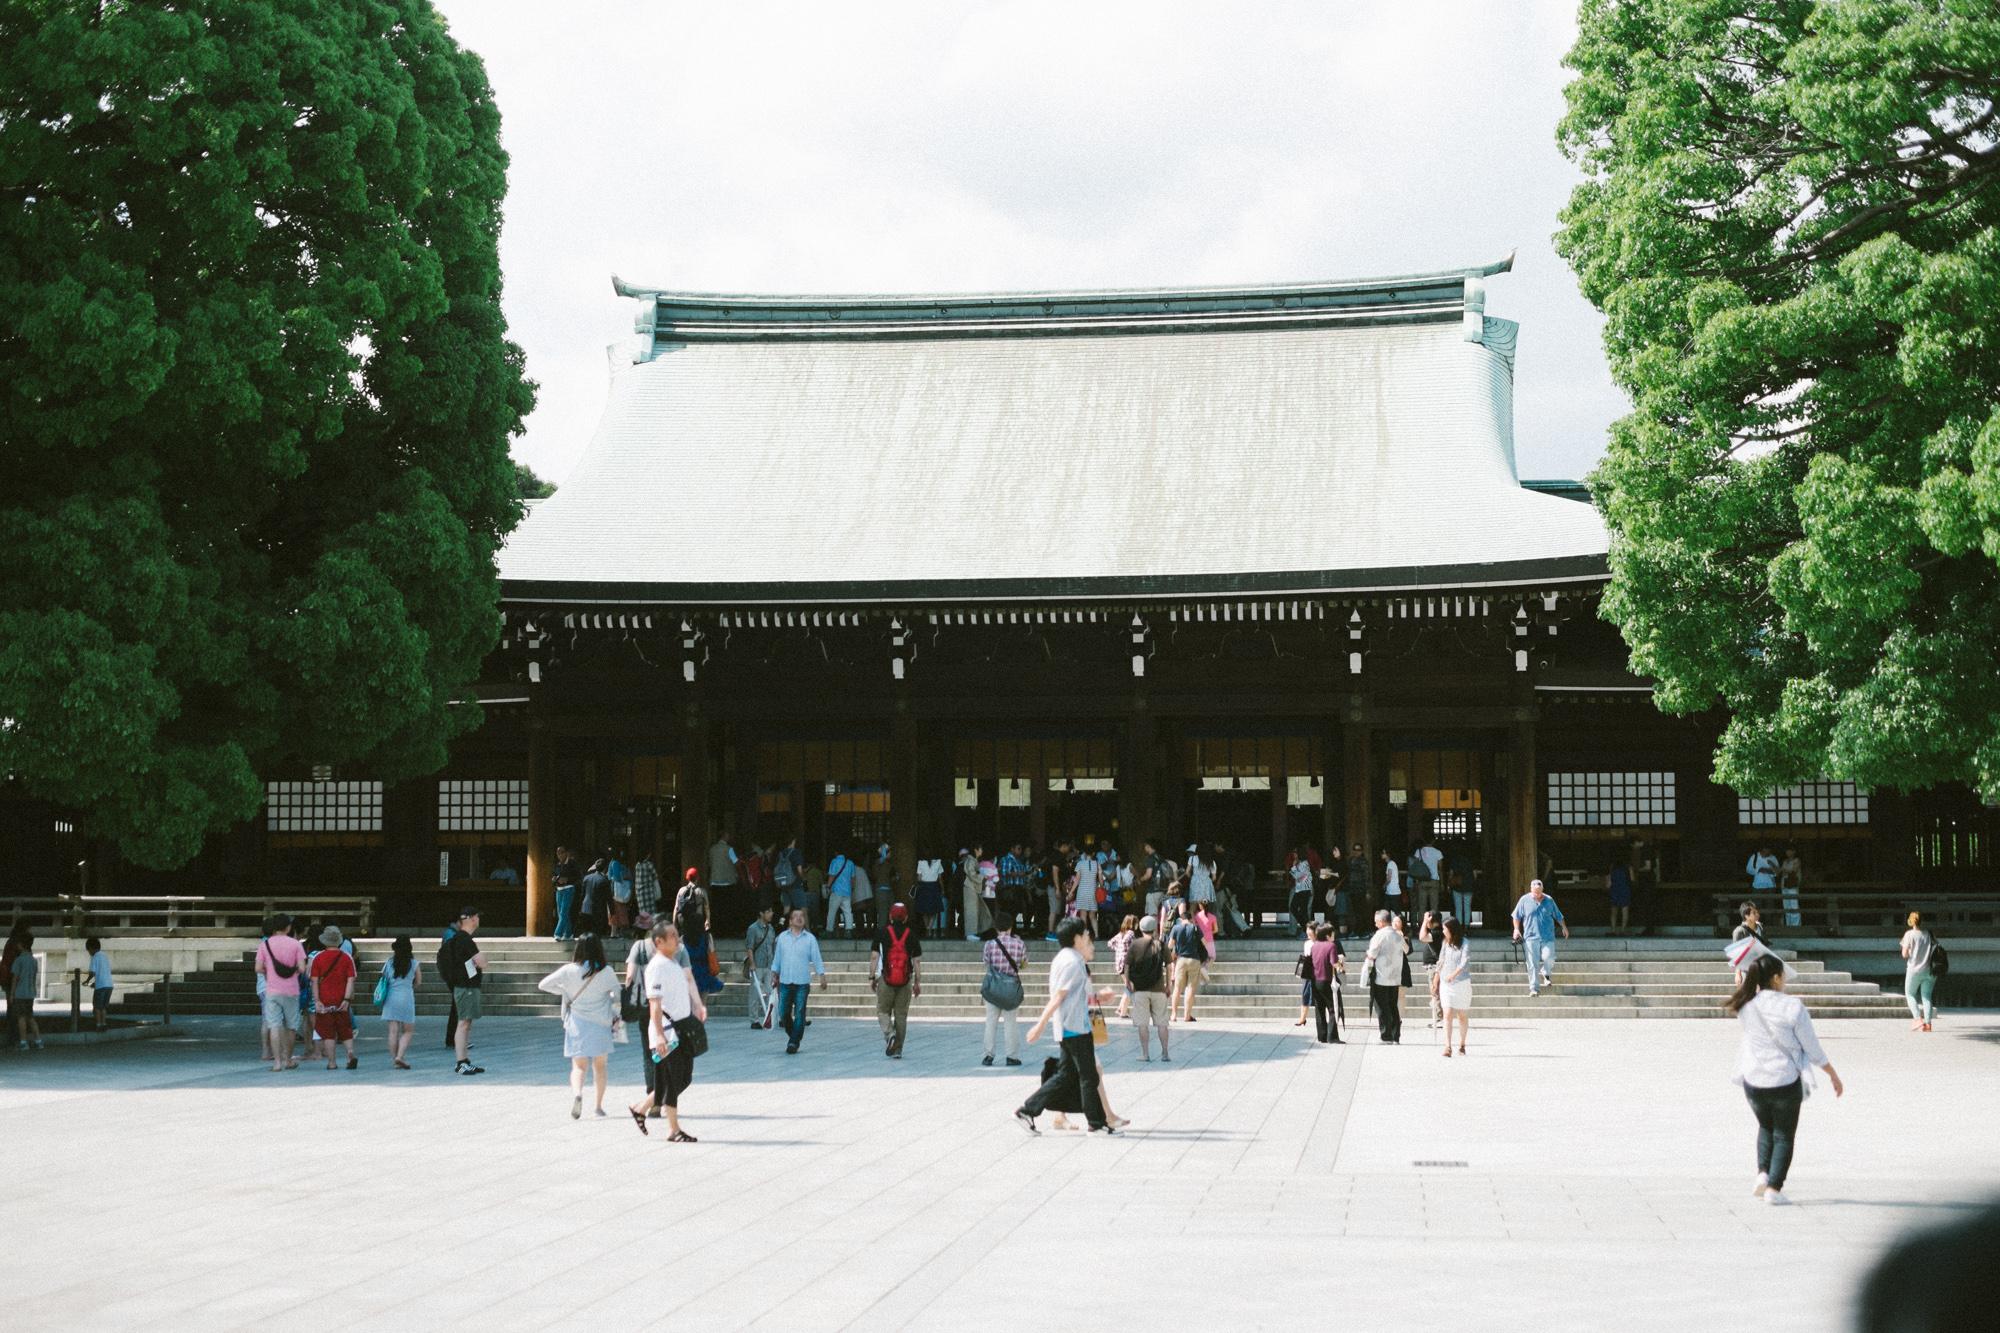 The Meiji Shrine in Harajuku.